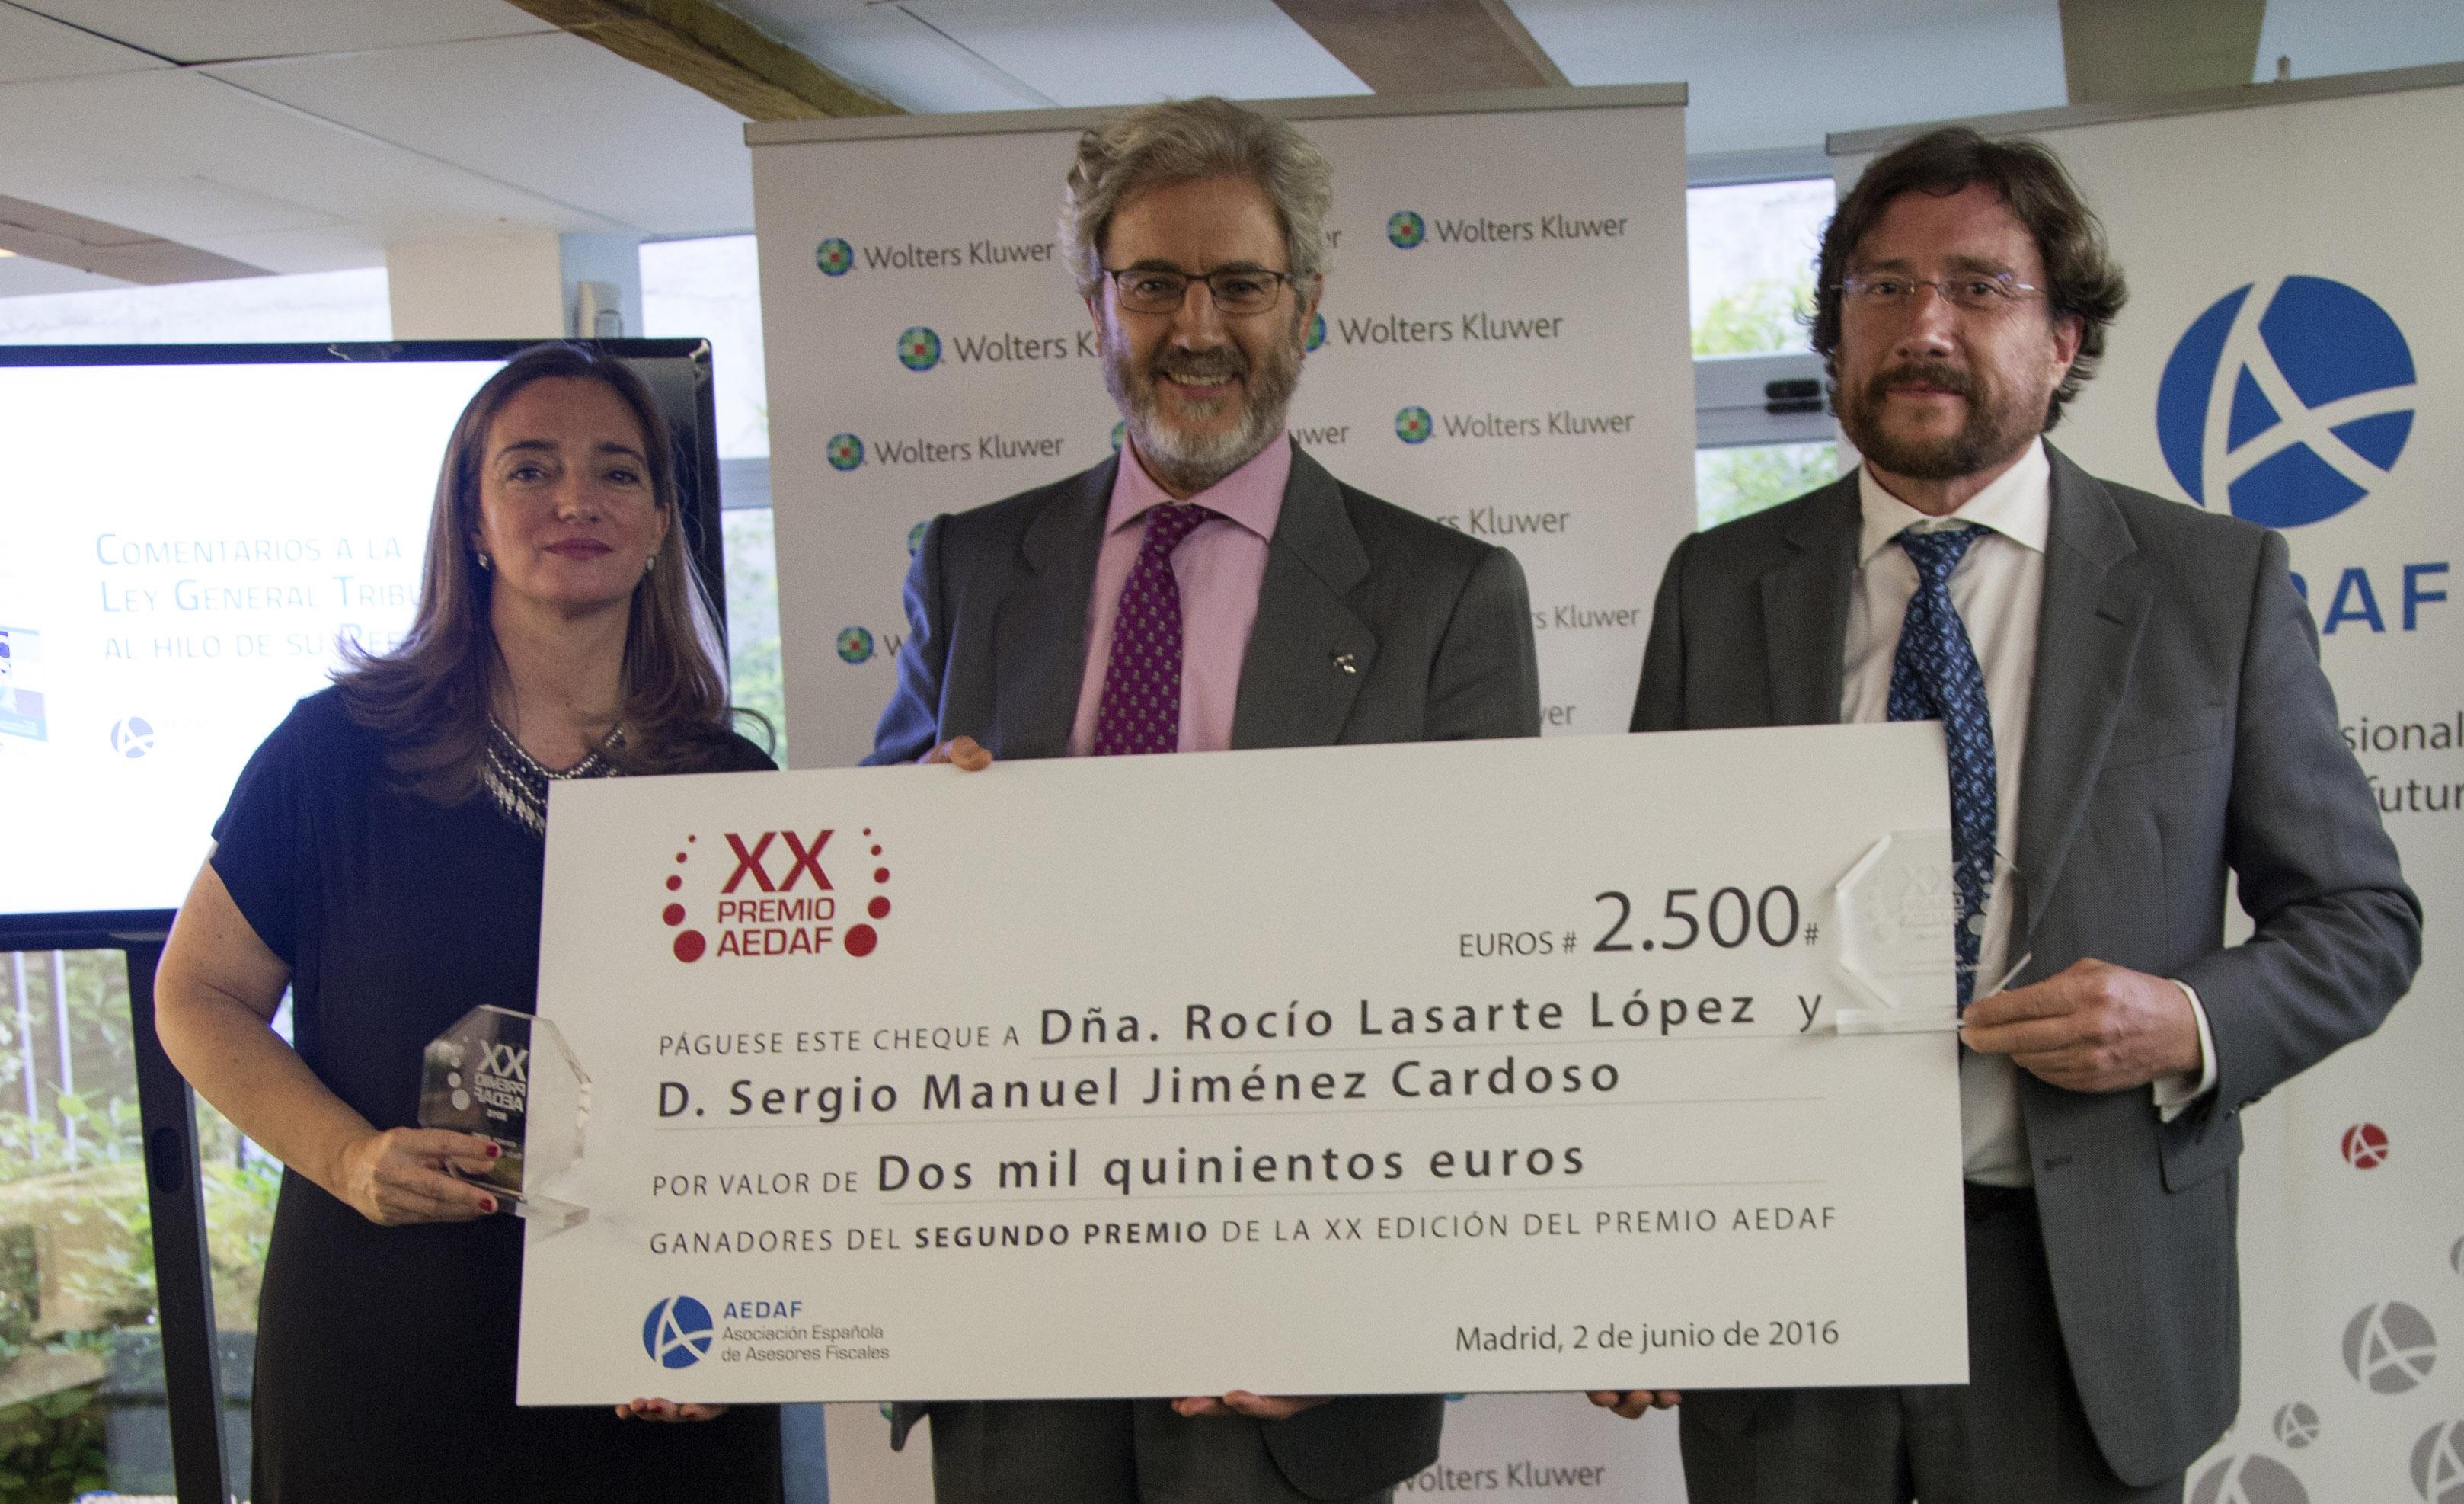 Ganadores del XX Premio AEDAF